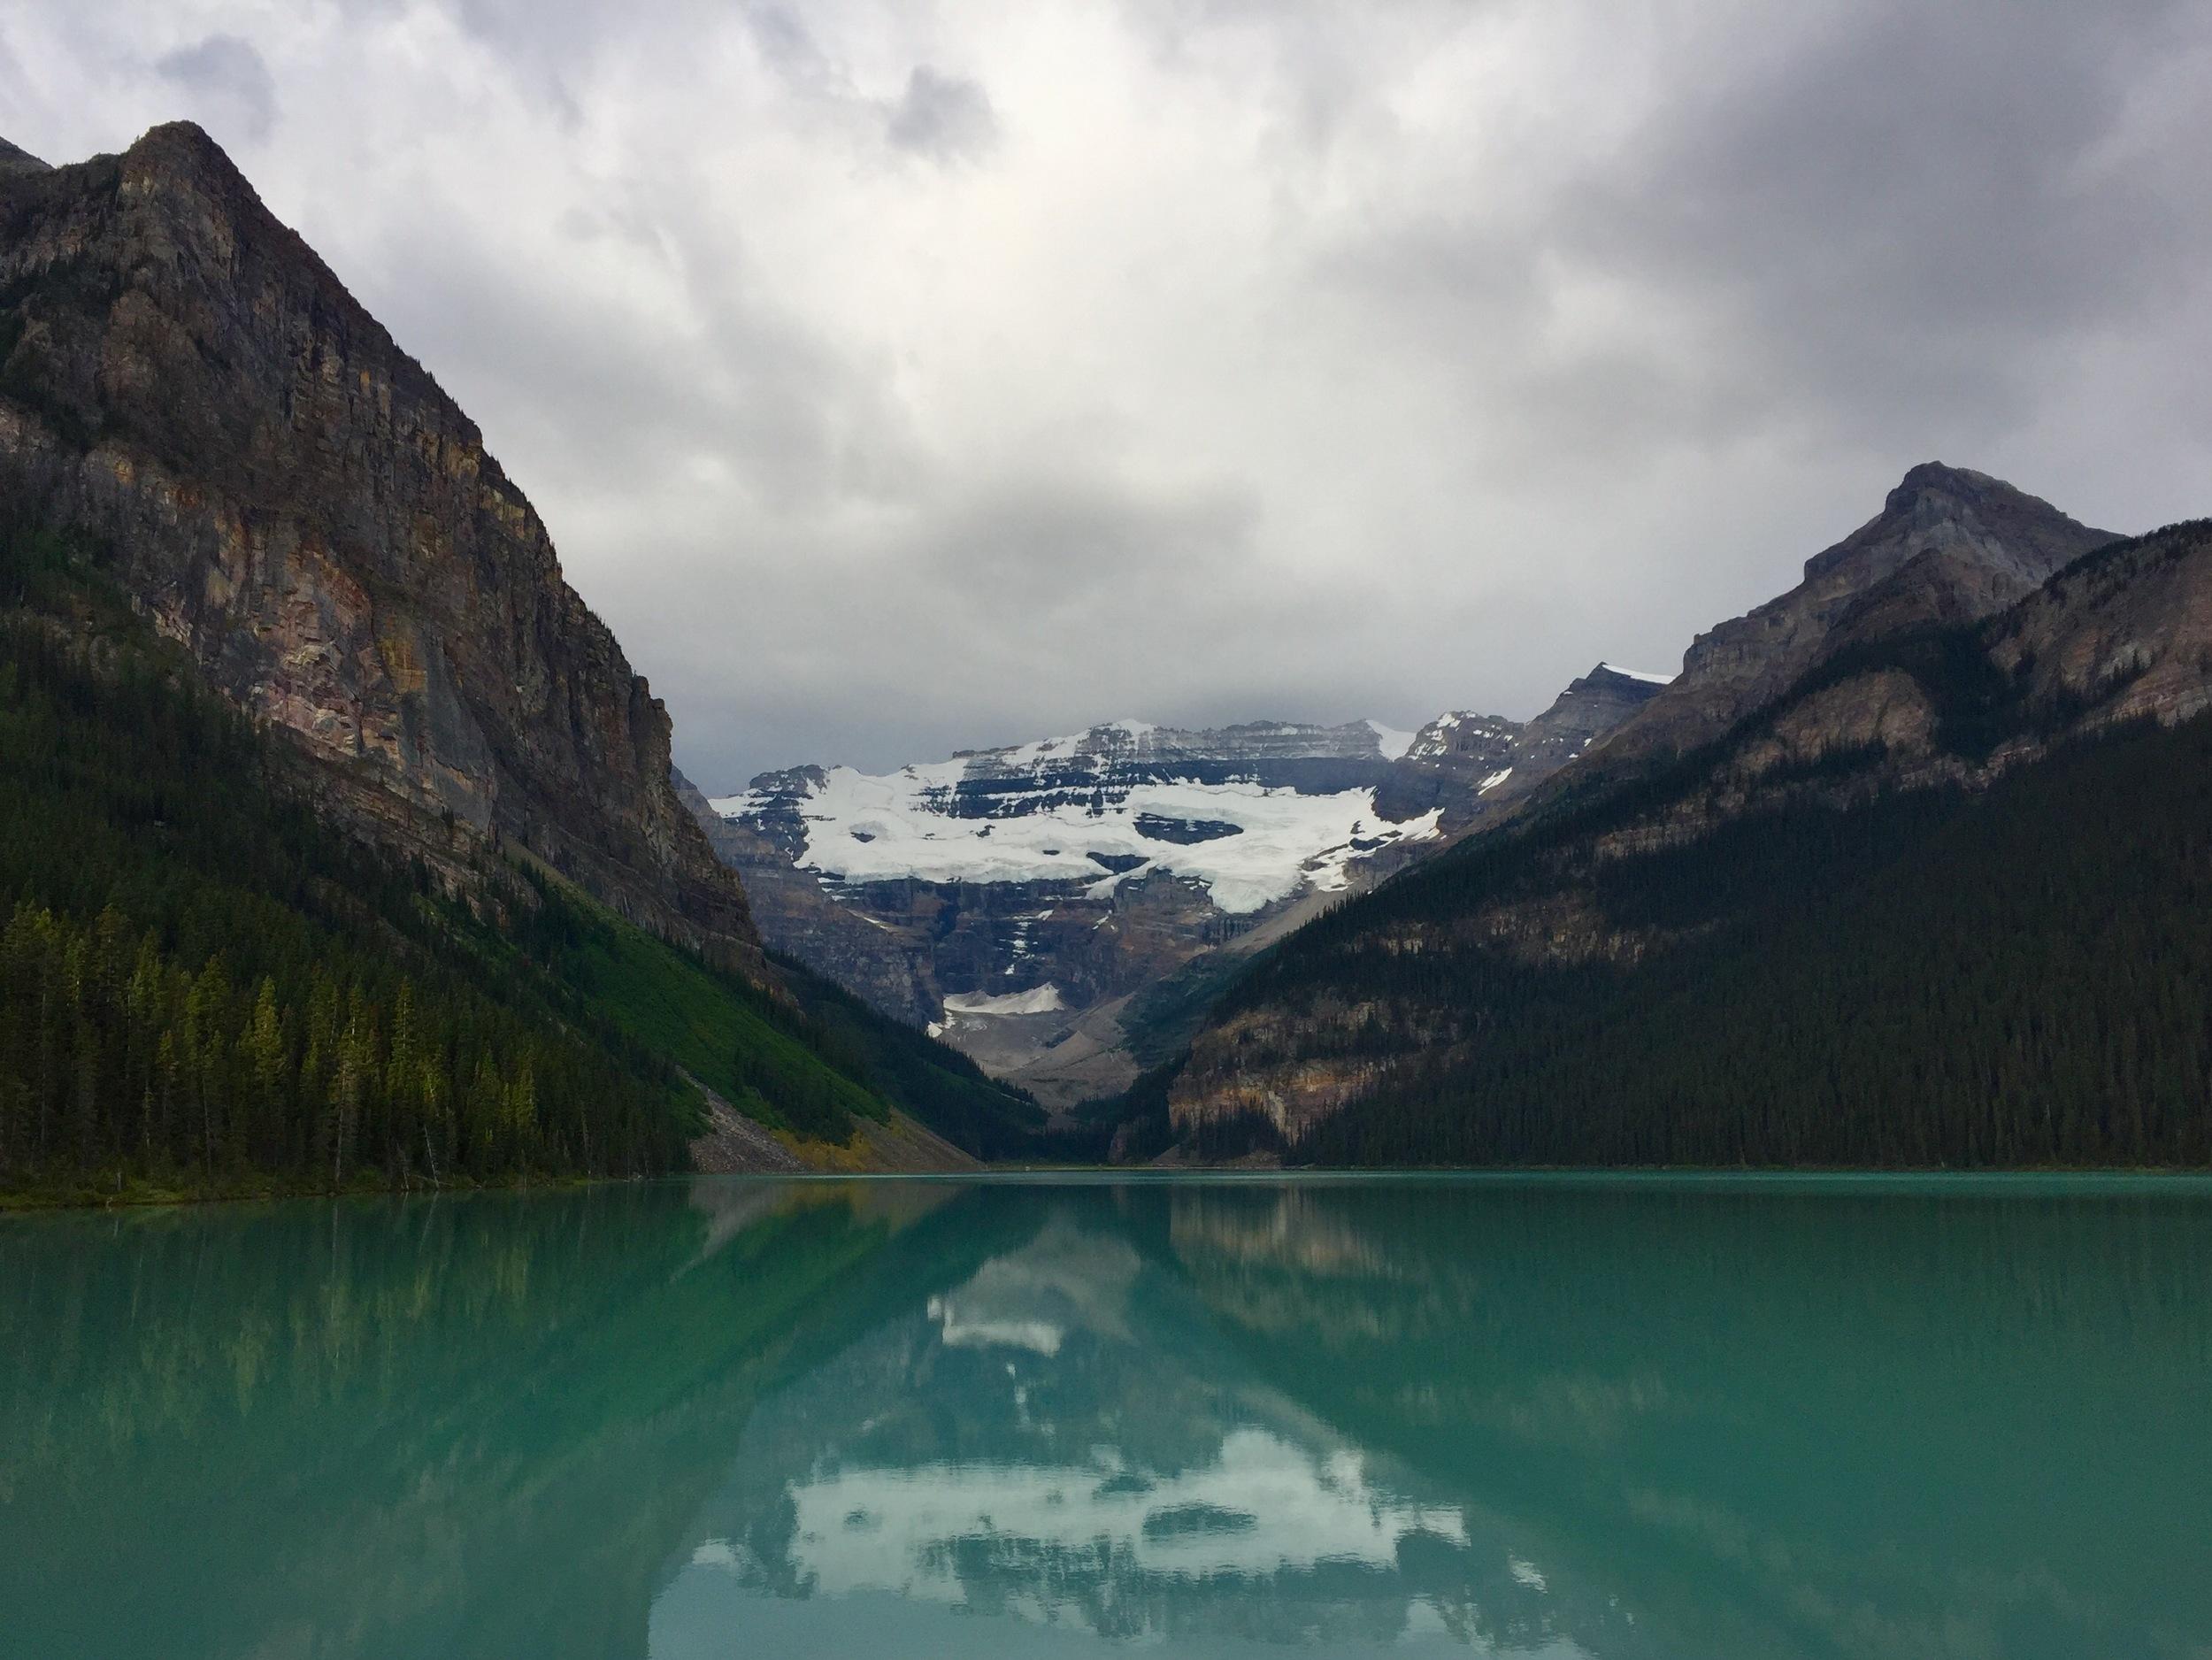 Lake Louise, Banff National Park - iPhone image